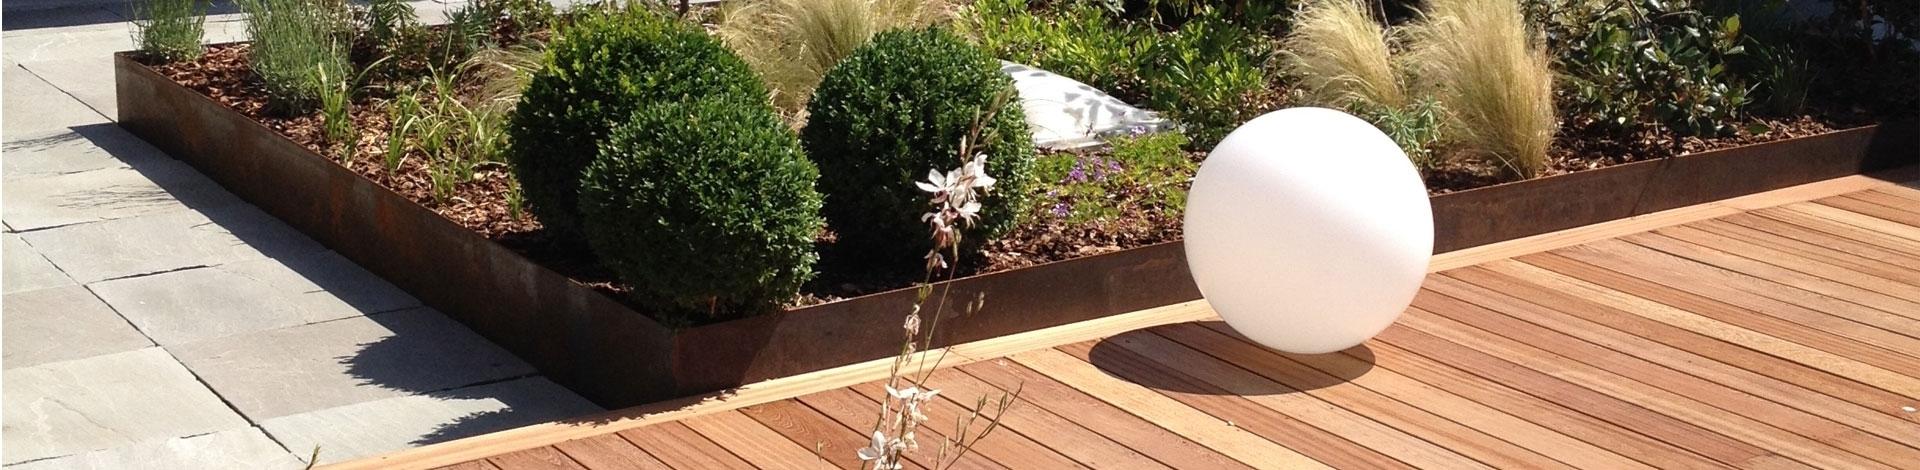 Realizzazione giardini bologna realizzazione giardino come realizzare un giardino - Realizzare un giardino ...